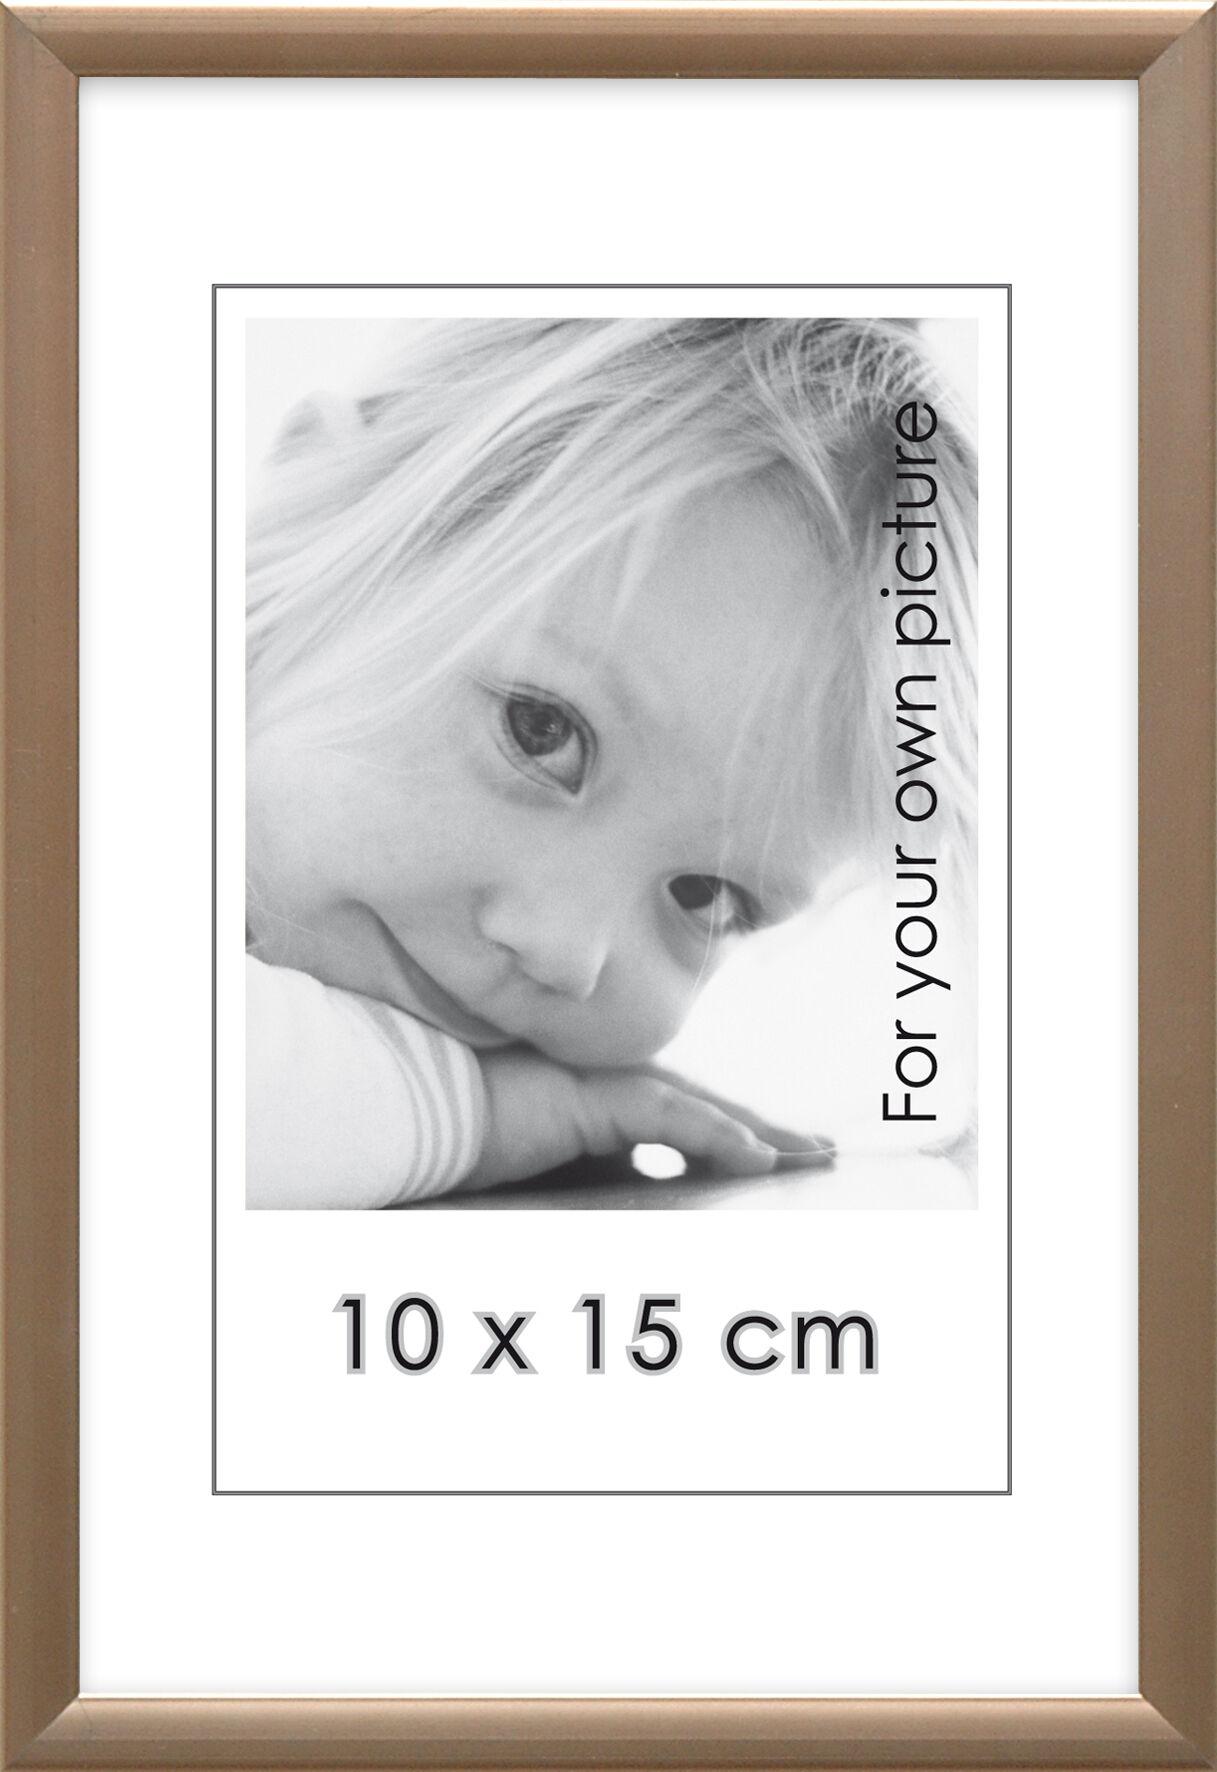 Artlink Åland Matta Pronssinvärinen 40x50 cm